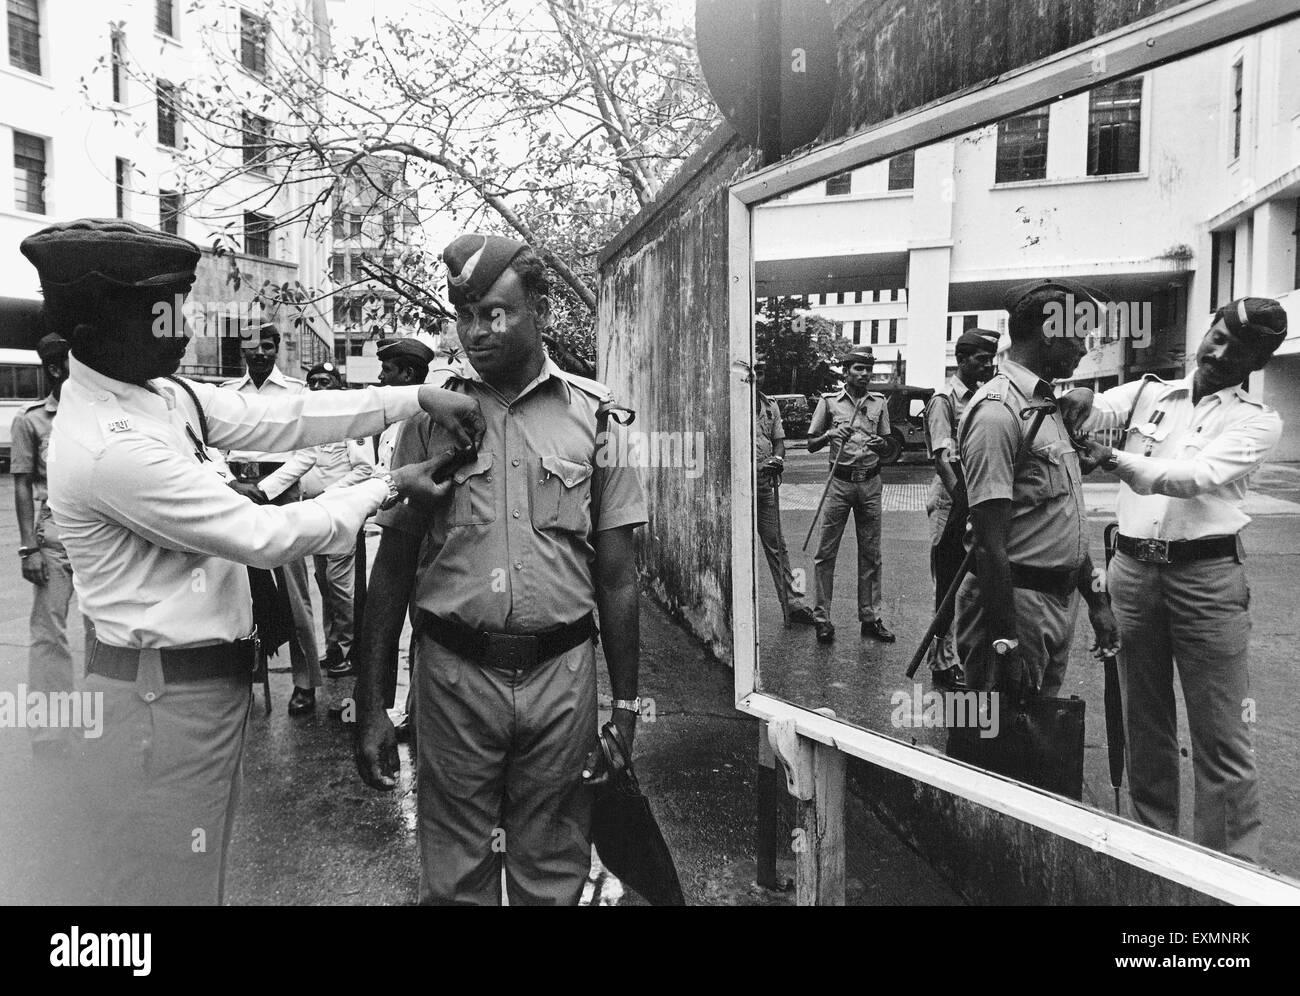 Police officer honor police man Bombay Mumbai Maharashtra India - Stock Image